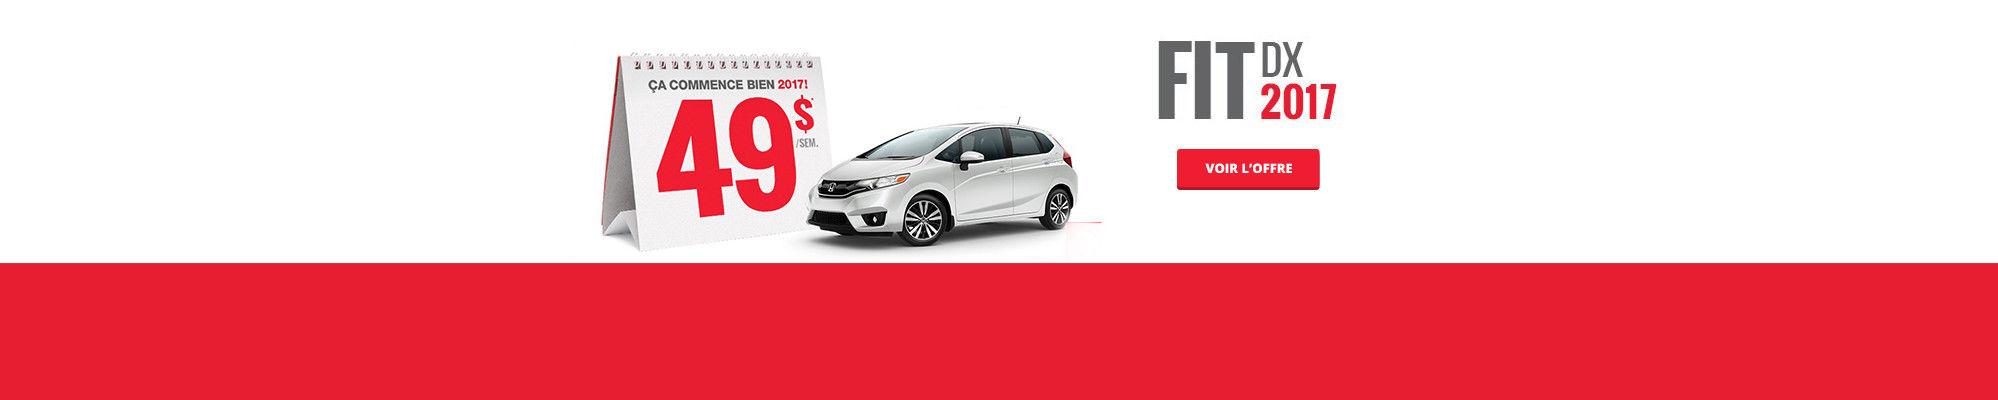 Louez une Honda à partir de 49$ - Fit